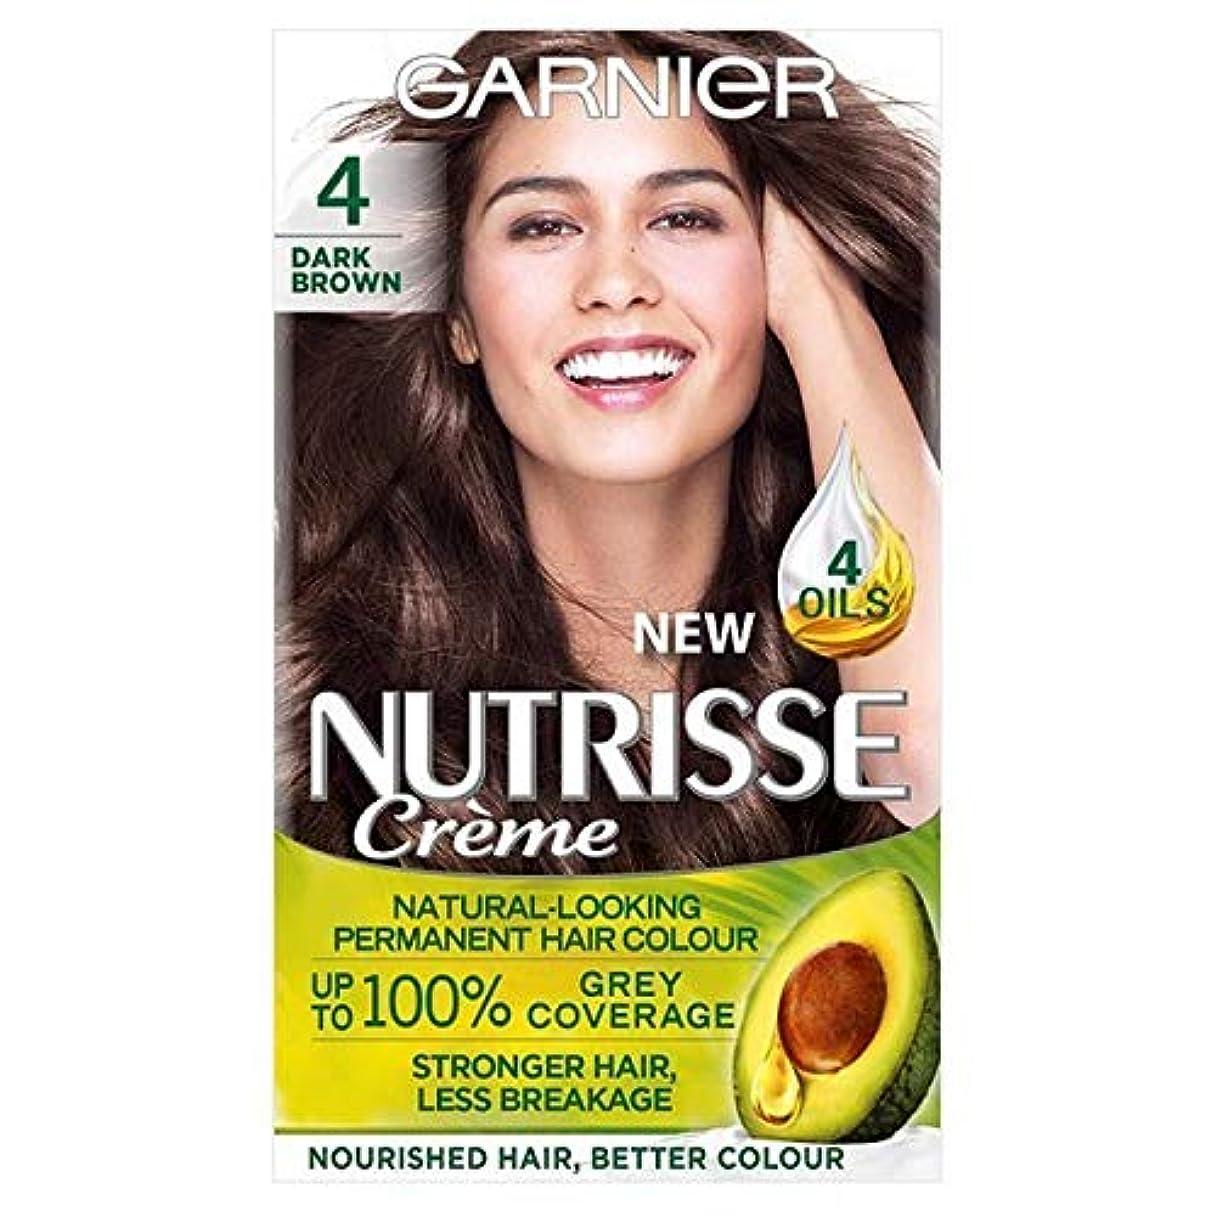 正義運動するごちそう[Garnier ] ガルニエNutrisse永久染毛剤ダークブラウン4 - Garnier Nutrisse Permanent Hair Dye Dark Brown 4 [並行輸入品]